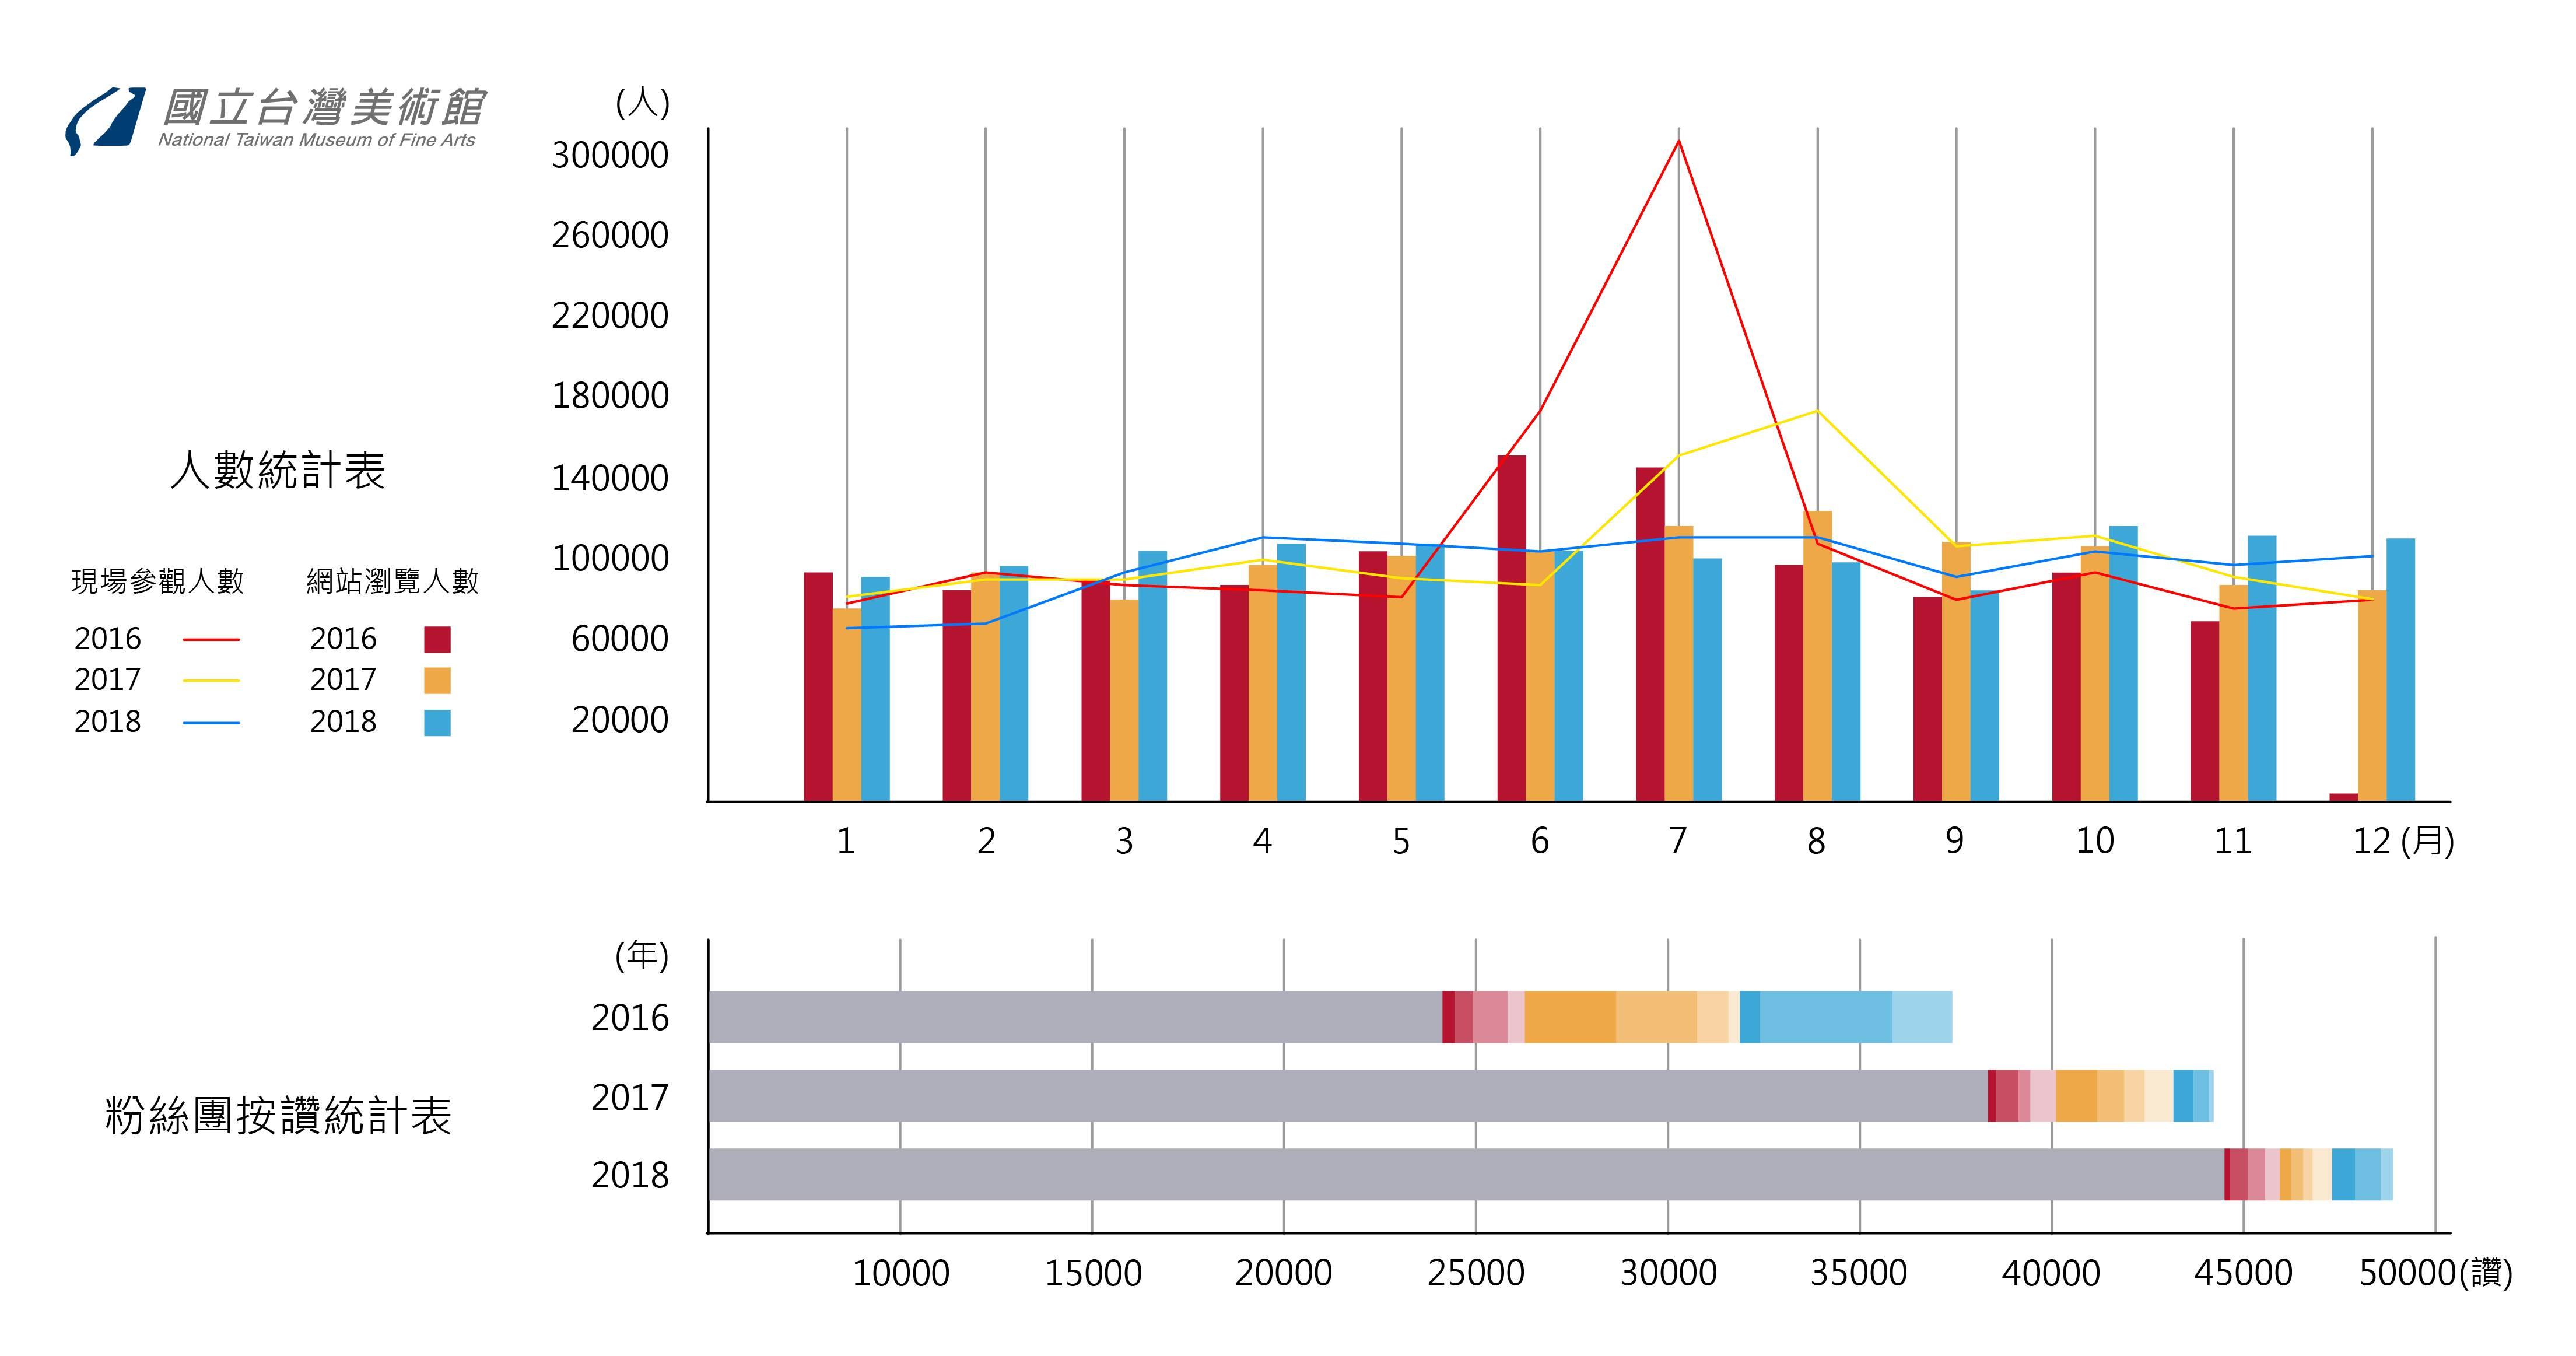 本館重要業務統計資訊圖像化[另開新視窗]